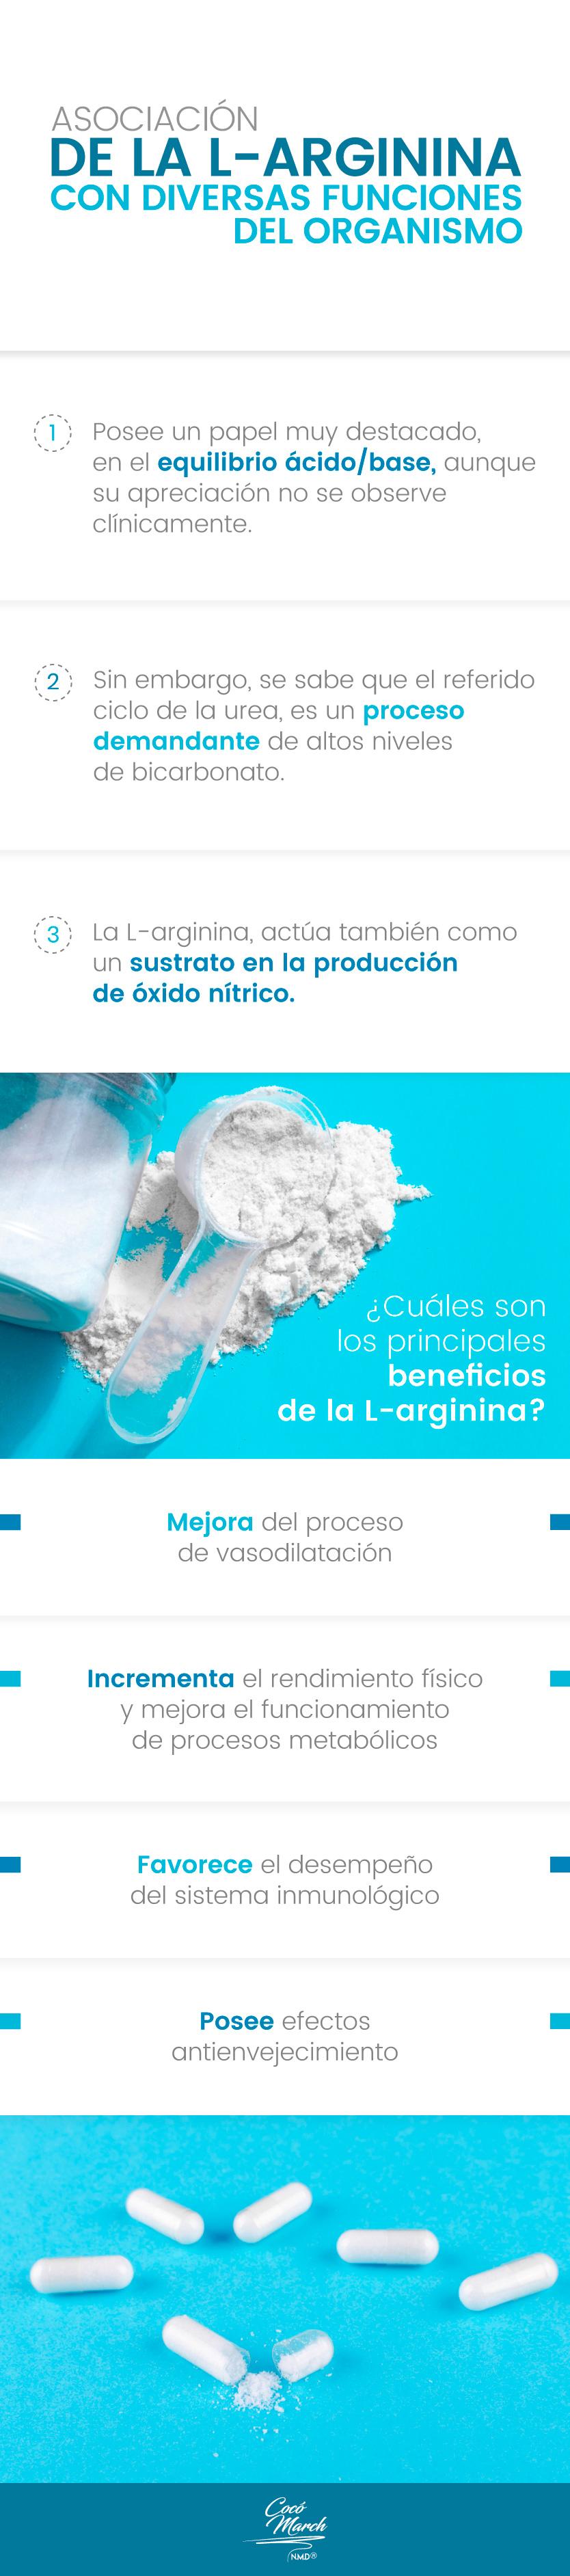 relacion-de-la-l-arginina-y-el-organismo